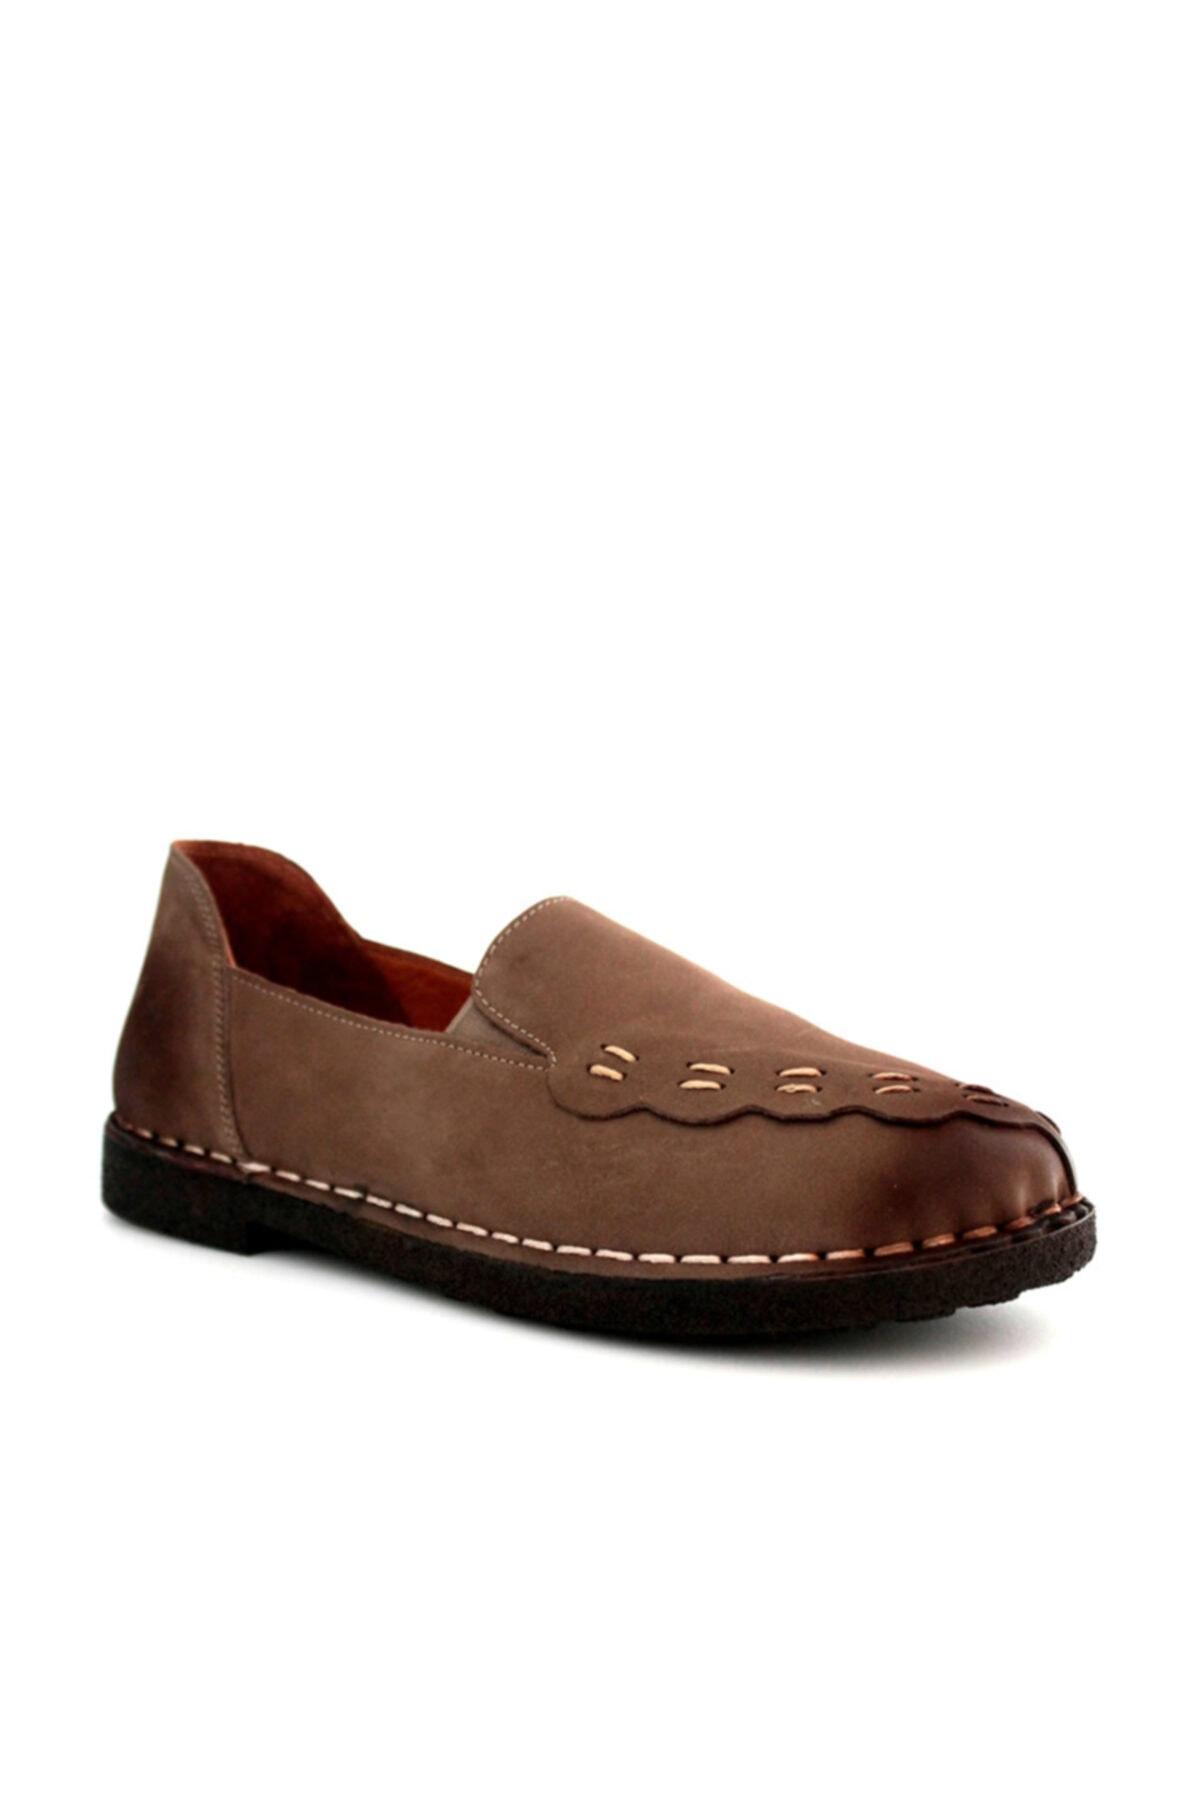 Beta Shoes Kadın Hakiki Deri Ayakkabı Nubuk Vizon 1